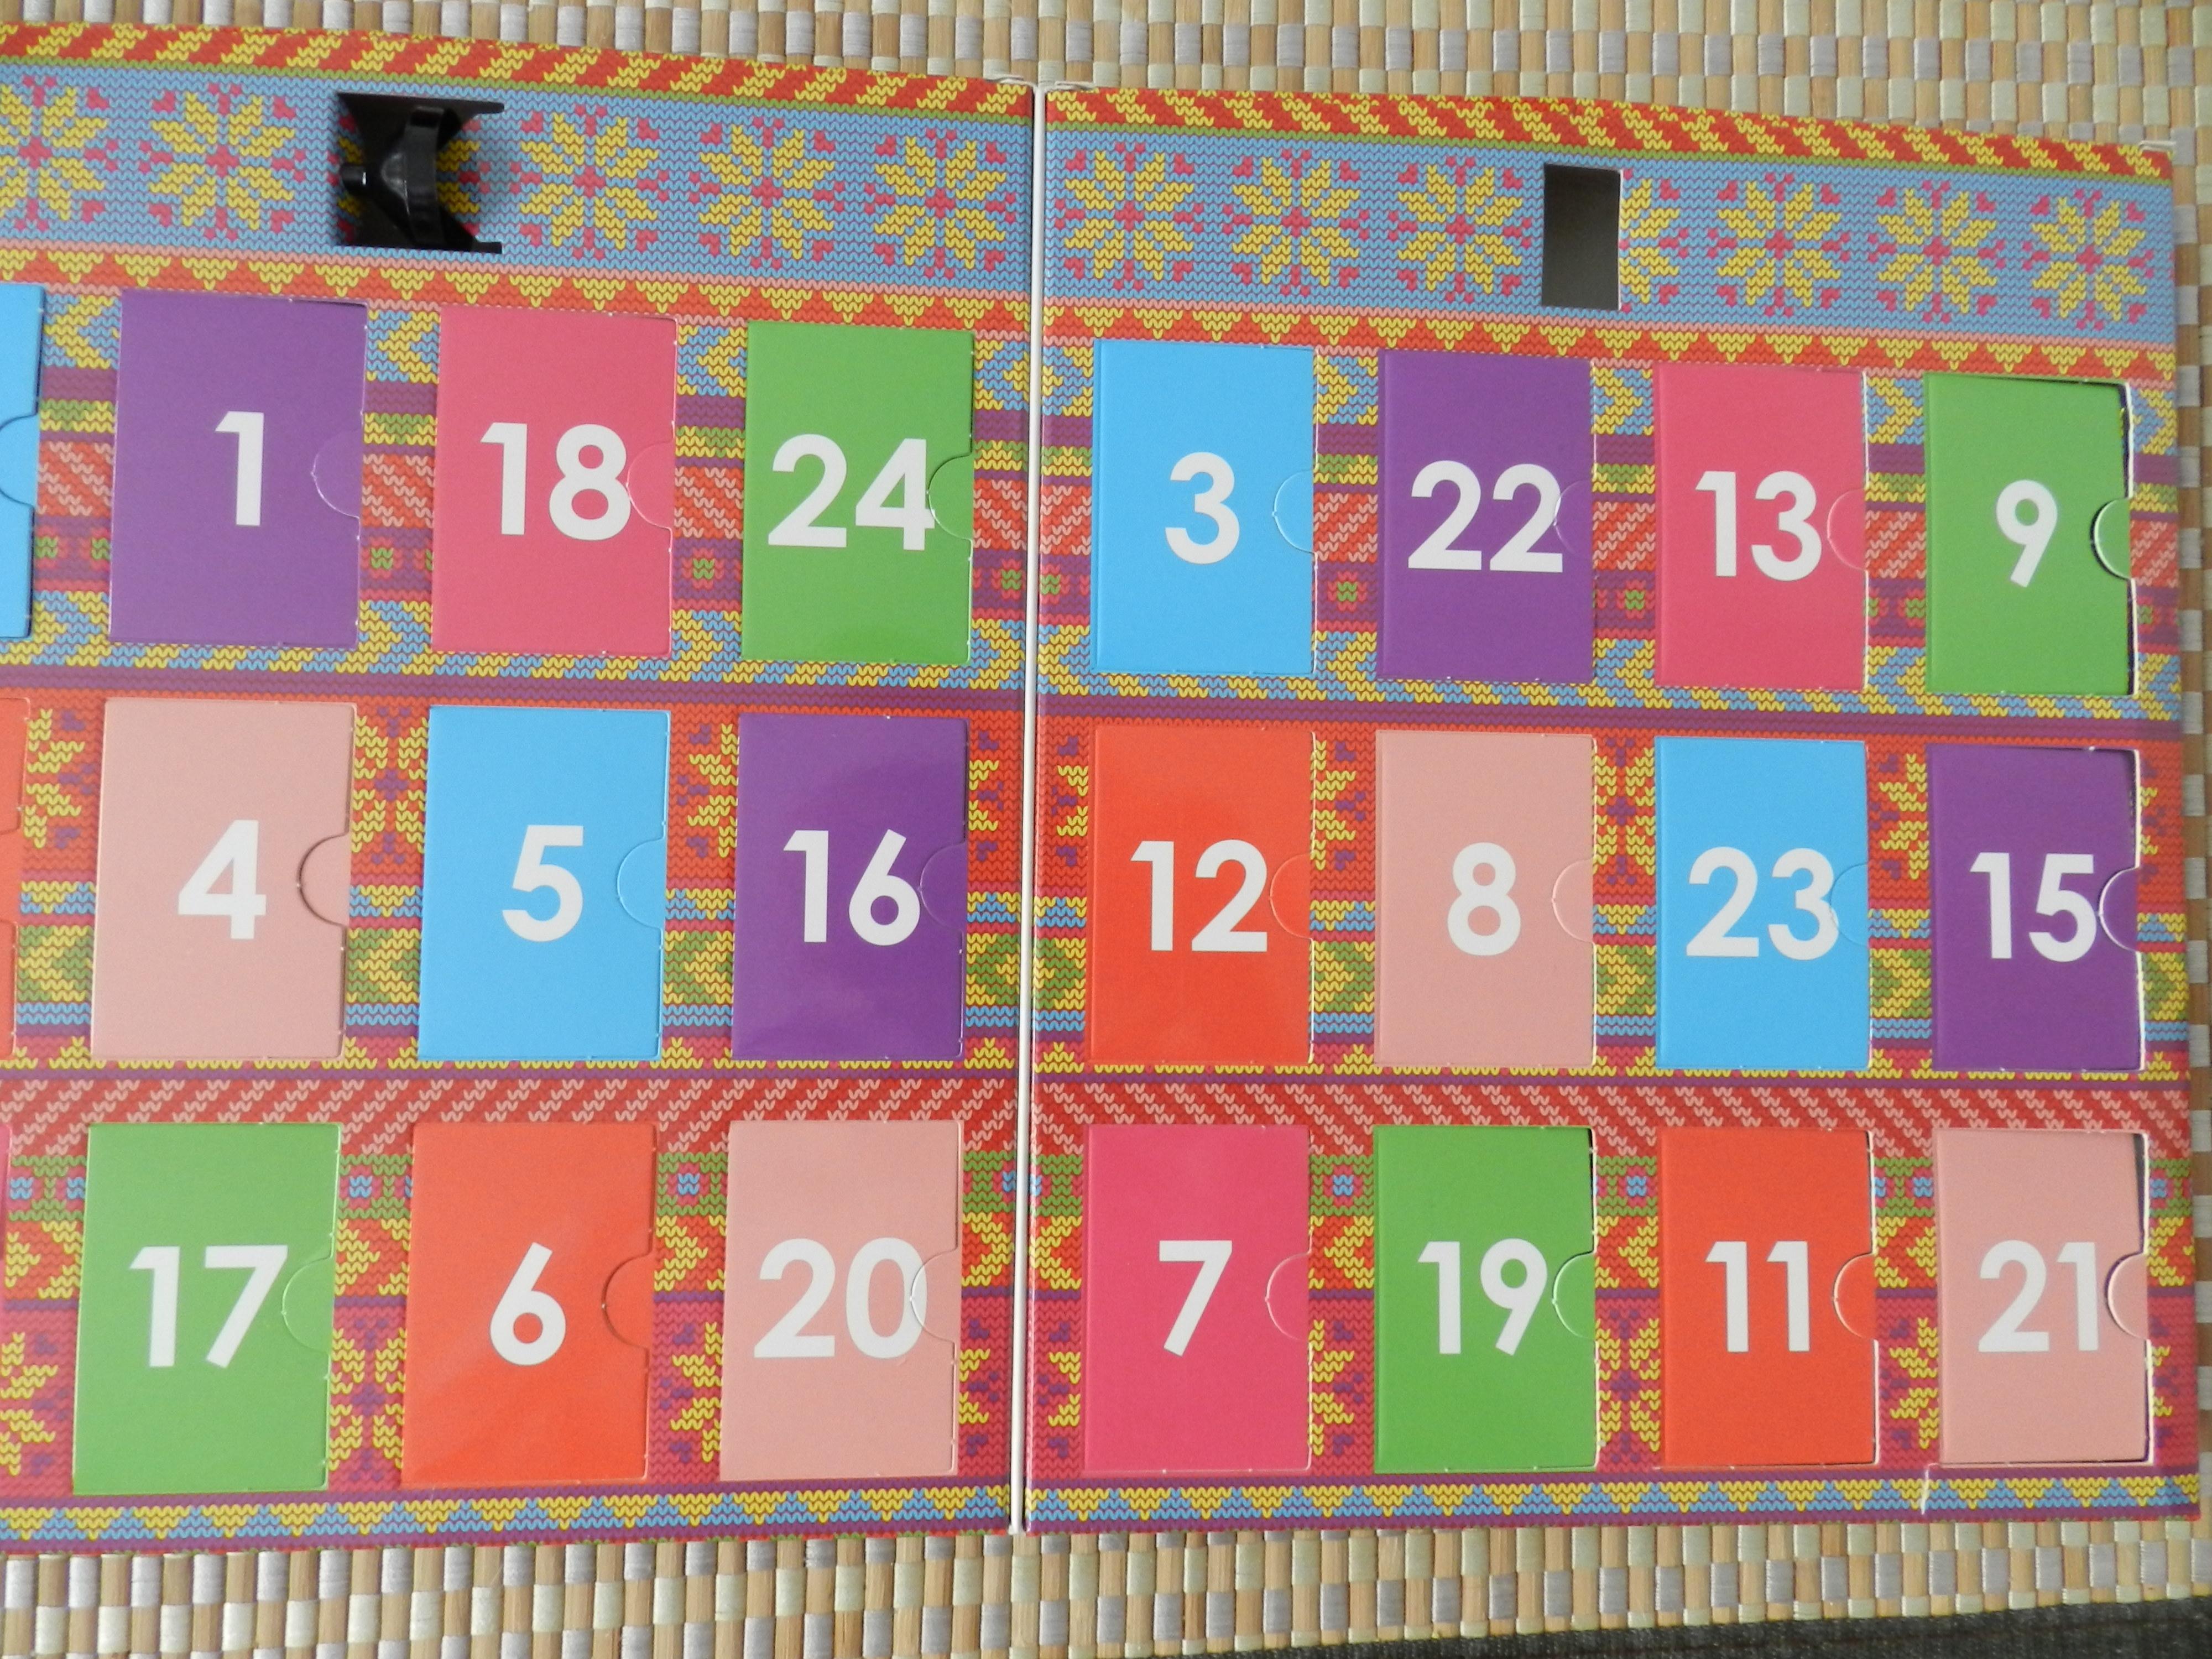 Mon mes calendrier s de l 39 avent rouge aux ongles - Calendrier de l avent light ...